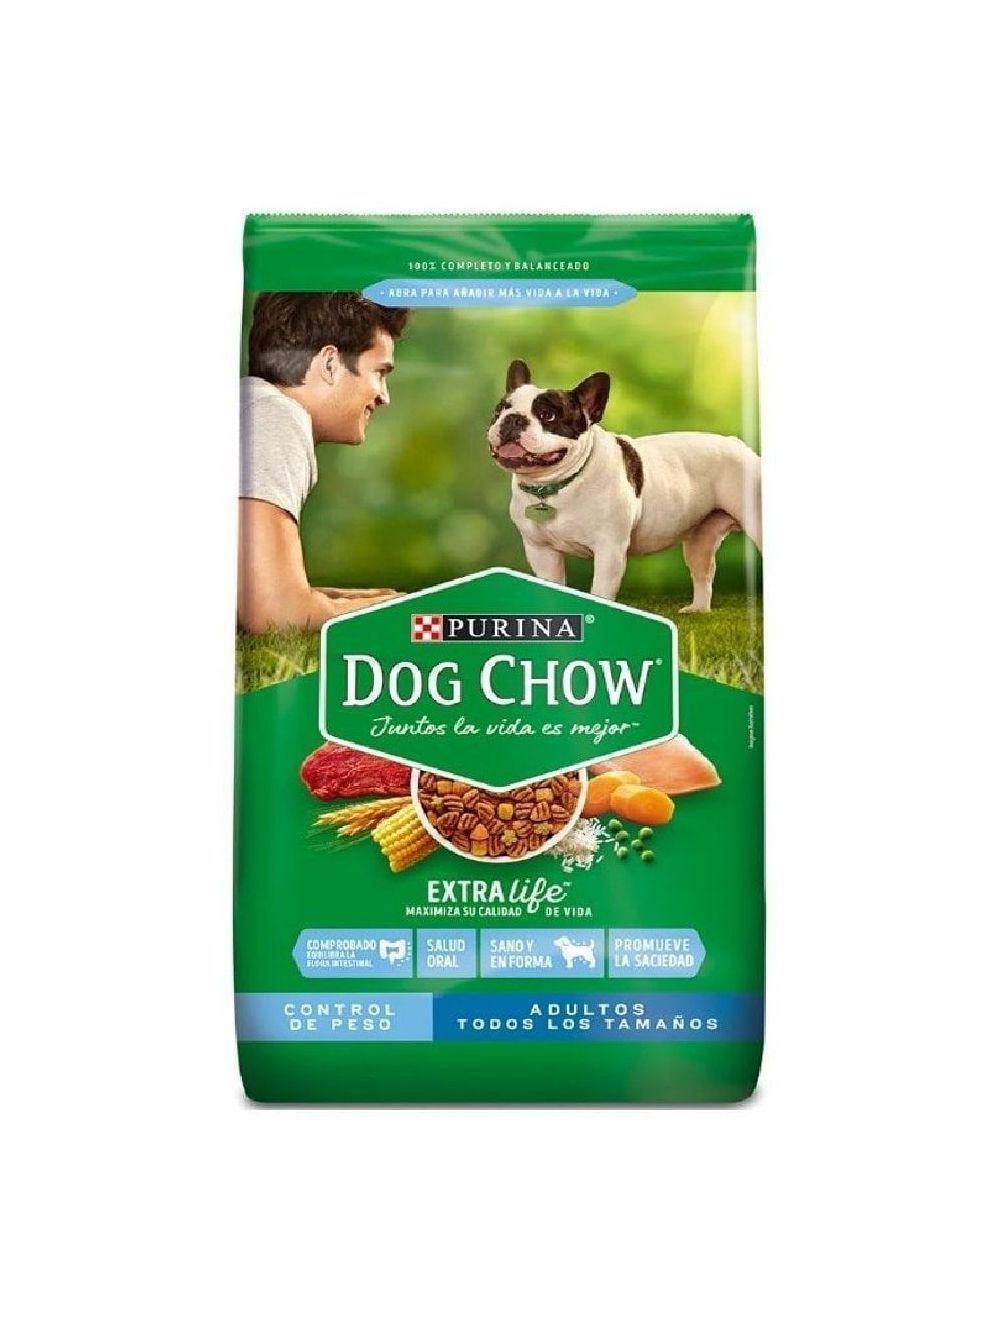 Comida Dog Chow Adulto Light Perros 17 Kg - ciudaddemascotas.com